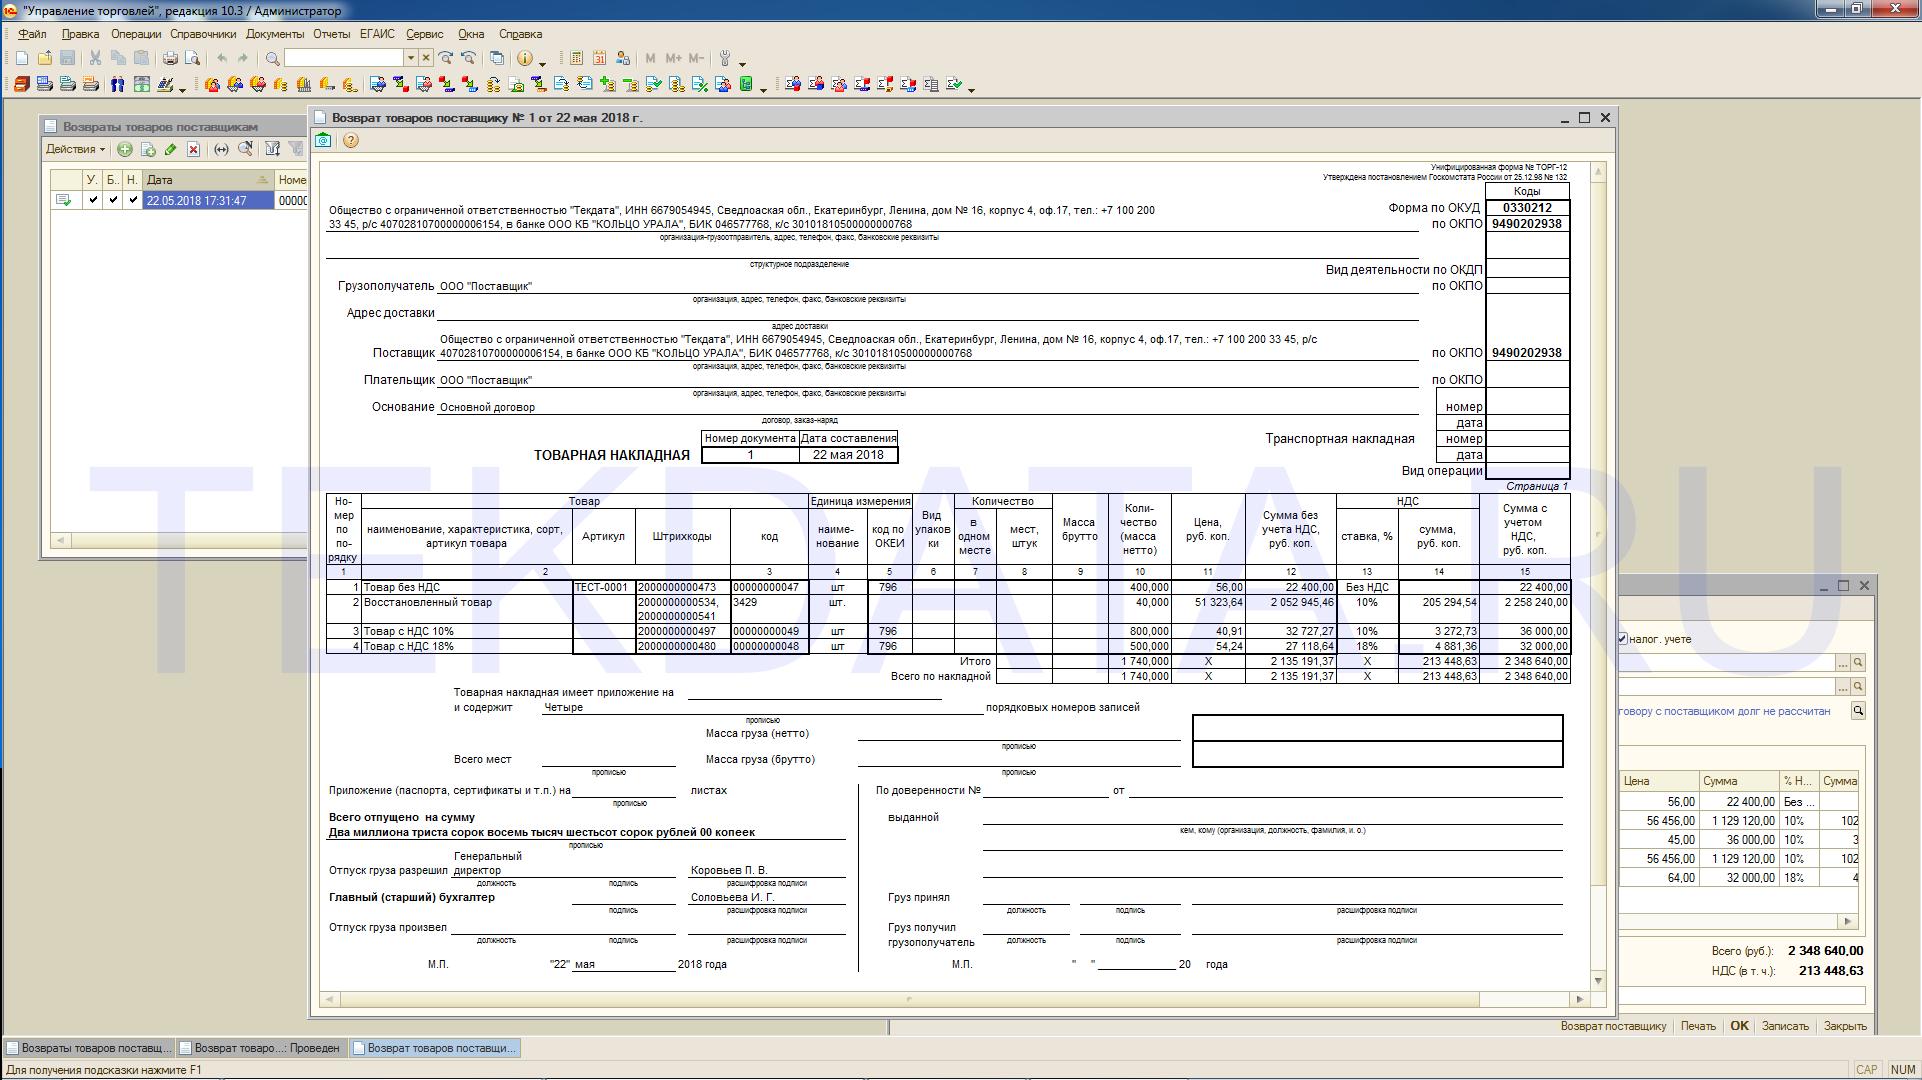 ТОРГ-12 для Возврата товаров поставщику со штрихкодами и артикулом для 1С:УТ 10.3 (Внешняя печатная форма)